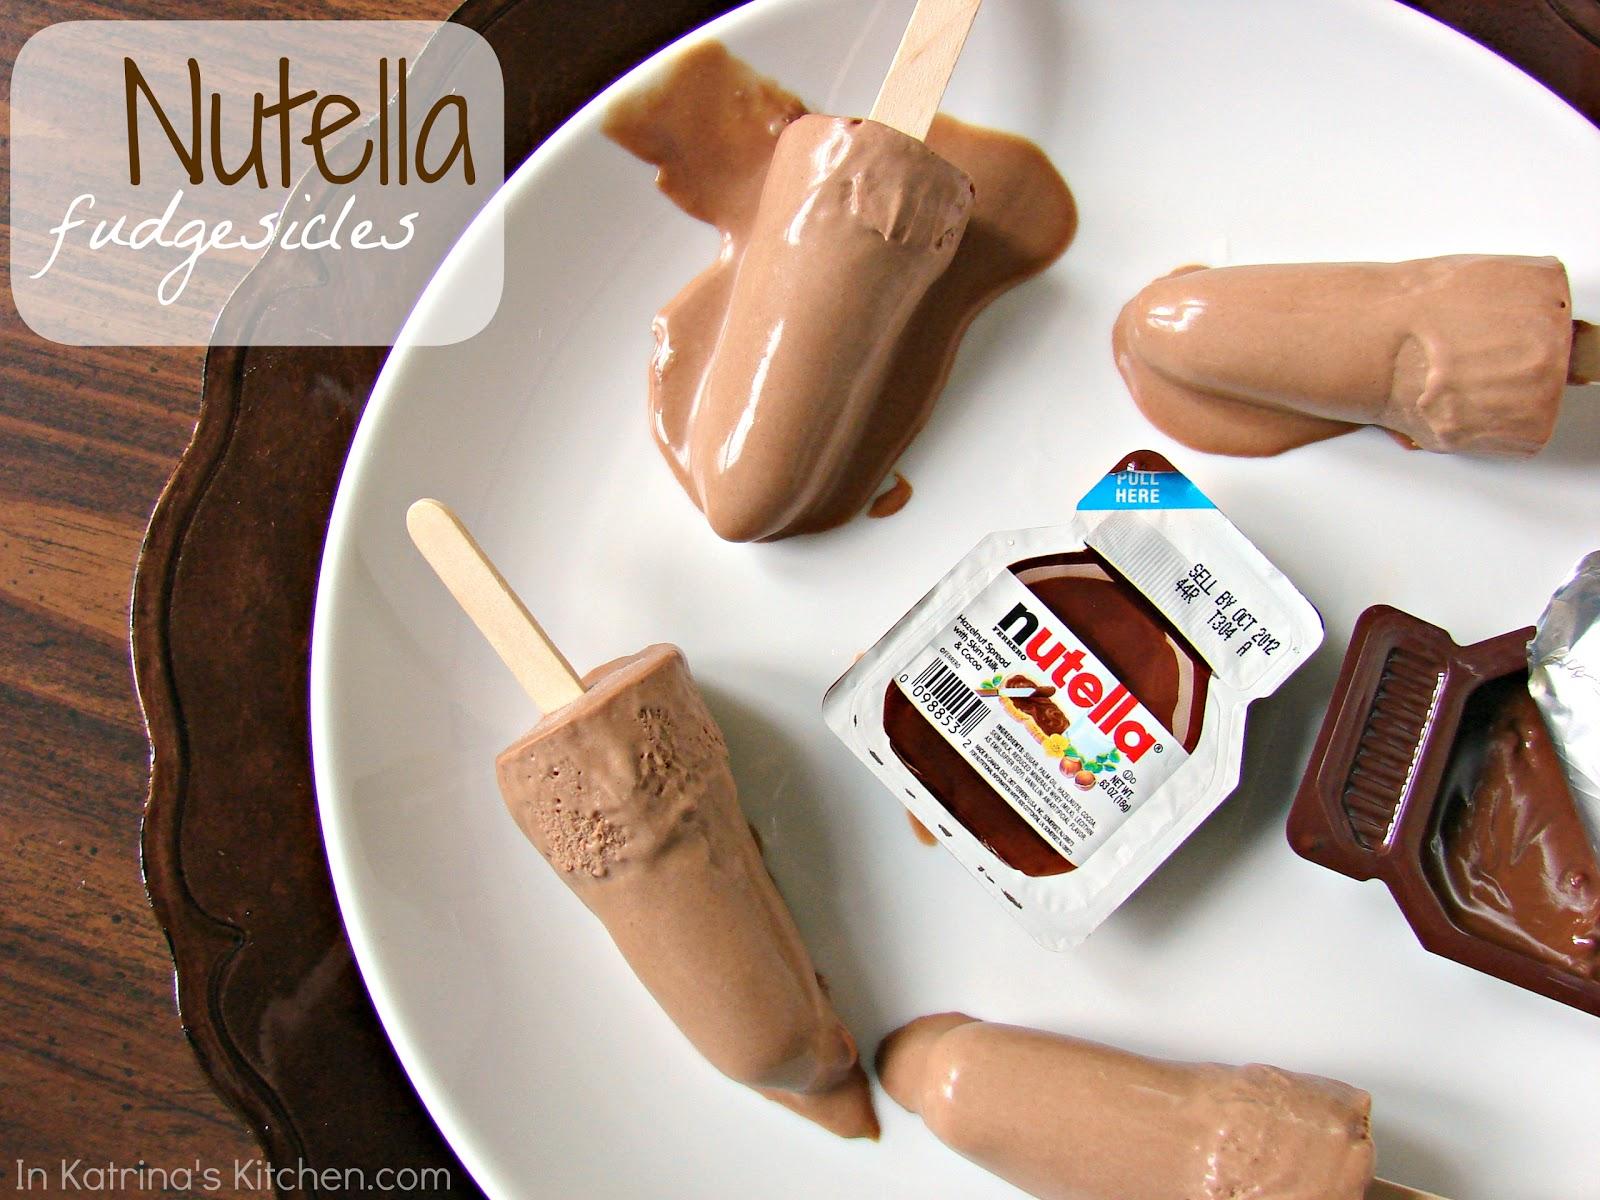 Nutella Fudgesicles Recipe